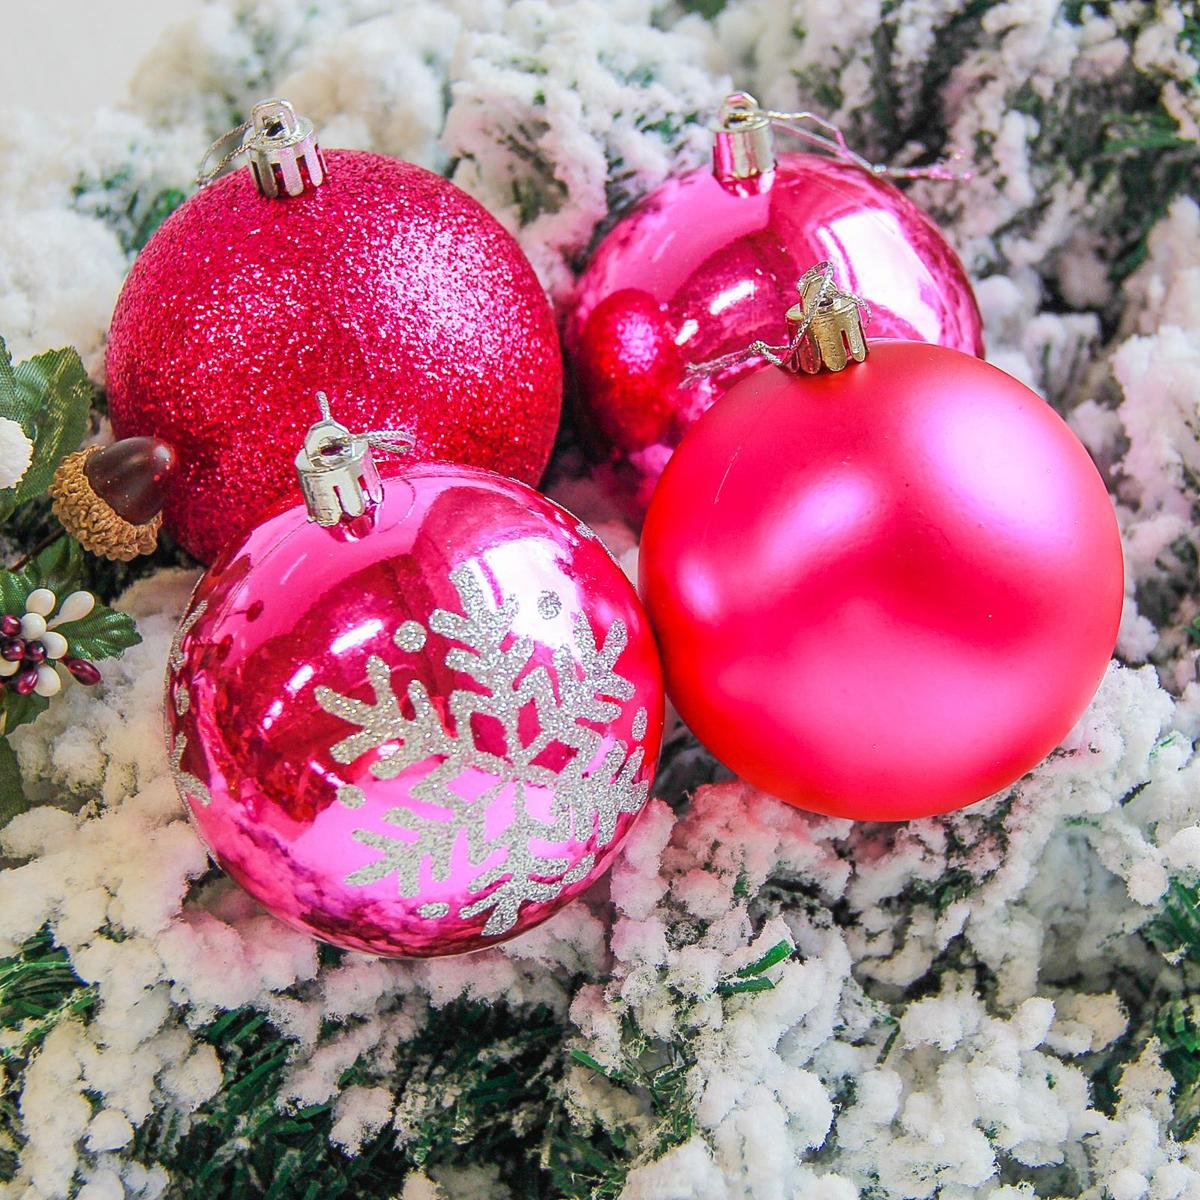 Набор новогодних подвесных украшений Sima-land Снежинка, цвет: розовый, диаметр 8 см, 6 шт. 21782792178279Набор новогодних подвесных украшений Sima-land отлично подойдет для декорации вашего дома и новогодней ели. С помощью специальной петельки украшение можно повесить в любом понравившемся вам месте. Но, конечно, удачнее всего оно будет смотреться на праздничной елке. Елочная игрушка - символ Нового года. Она несет в себе волшебство и красоту праздника. Создайте в своем доме атмосферу веселья и радости, украшая новогоднюю елку нарядными игрушками, которые будут из года в год накапливать теплоту воспоминаний.